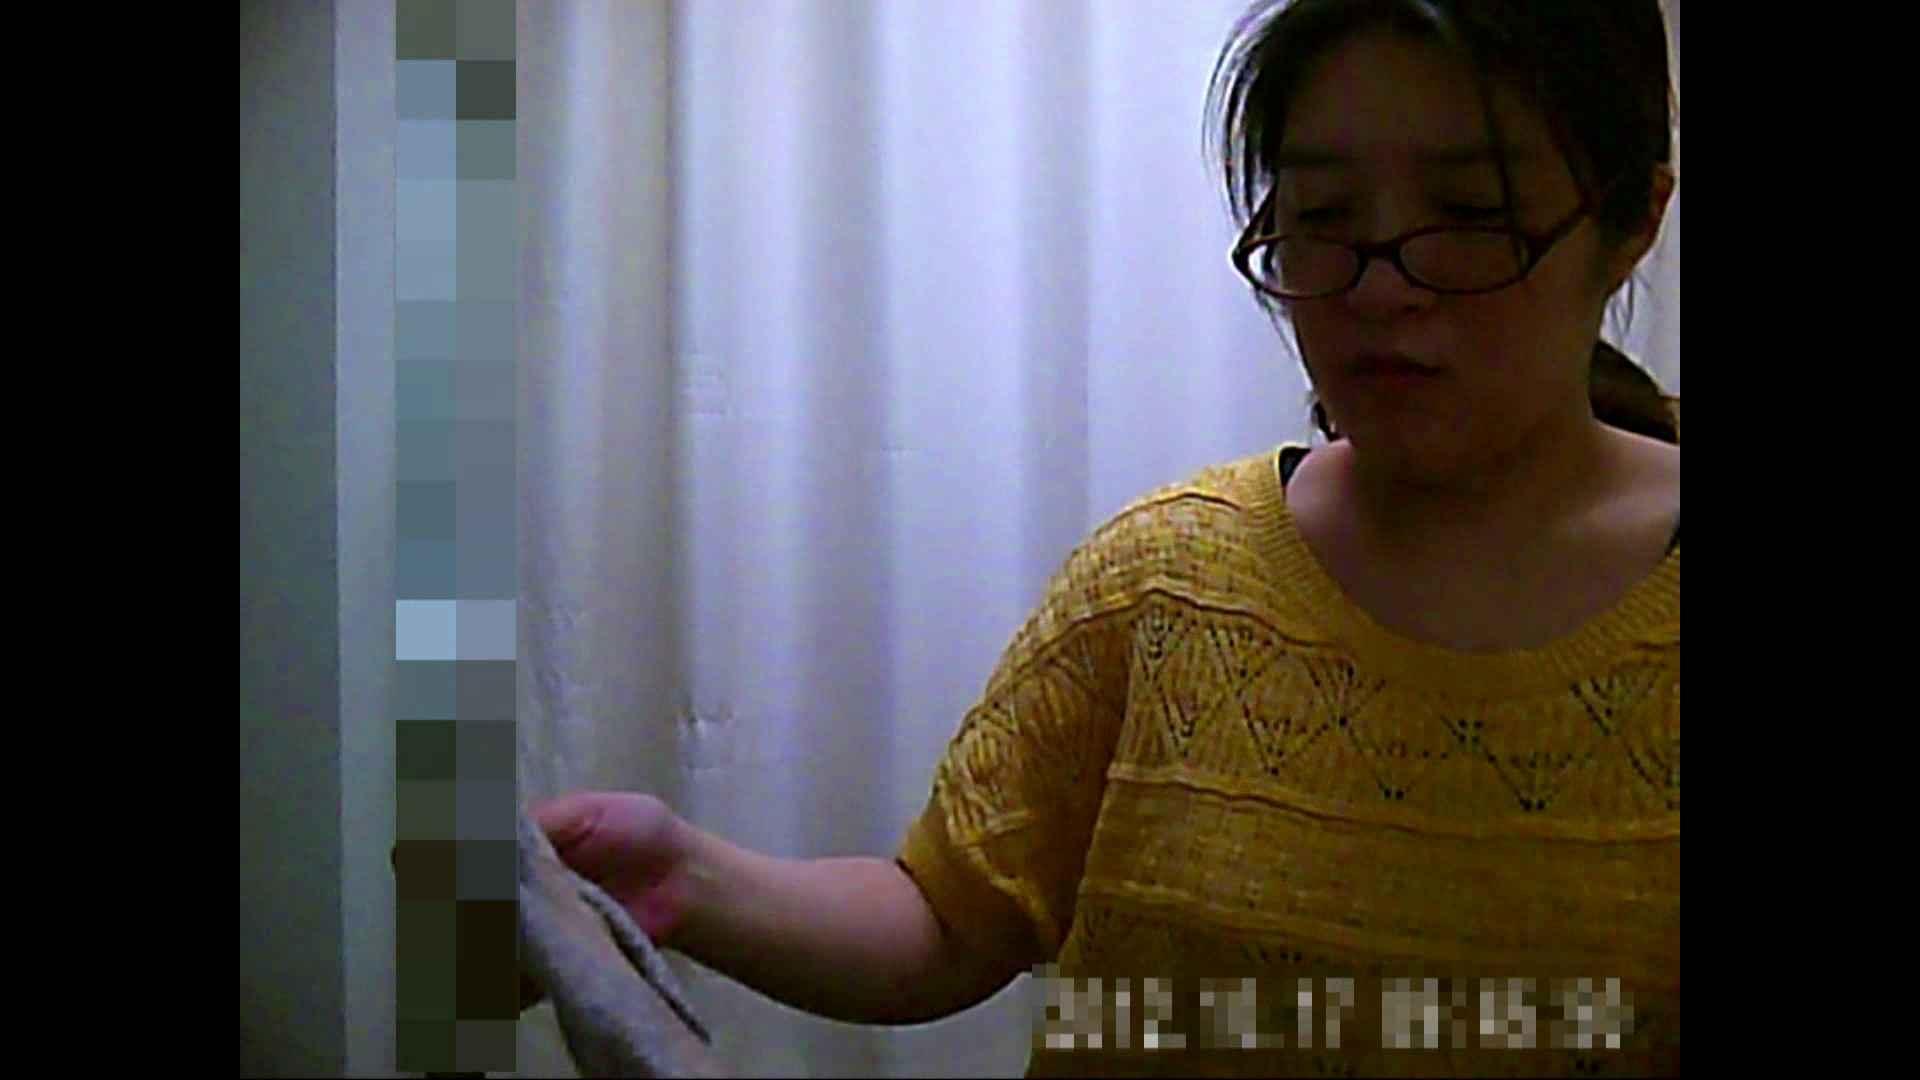 病院おもいっきり着替え! vol.241 綺麗なおっぱい   盗撮  71pic 11